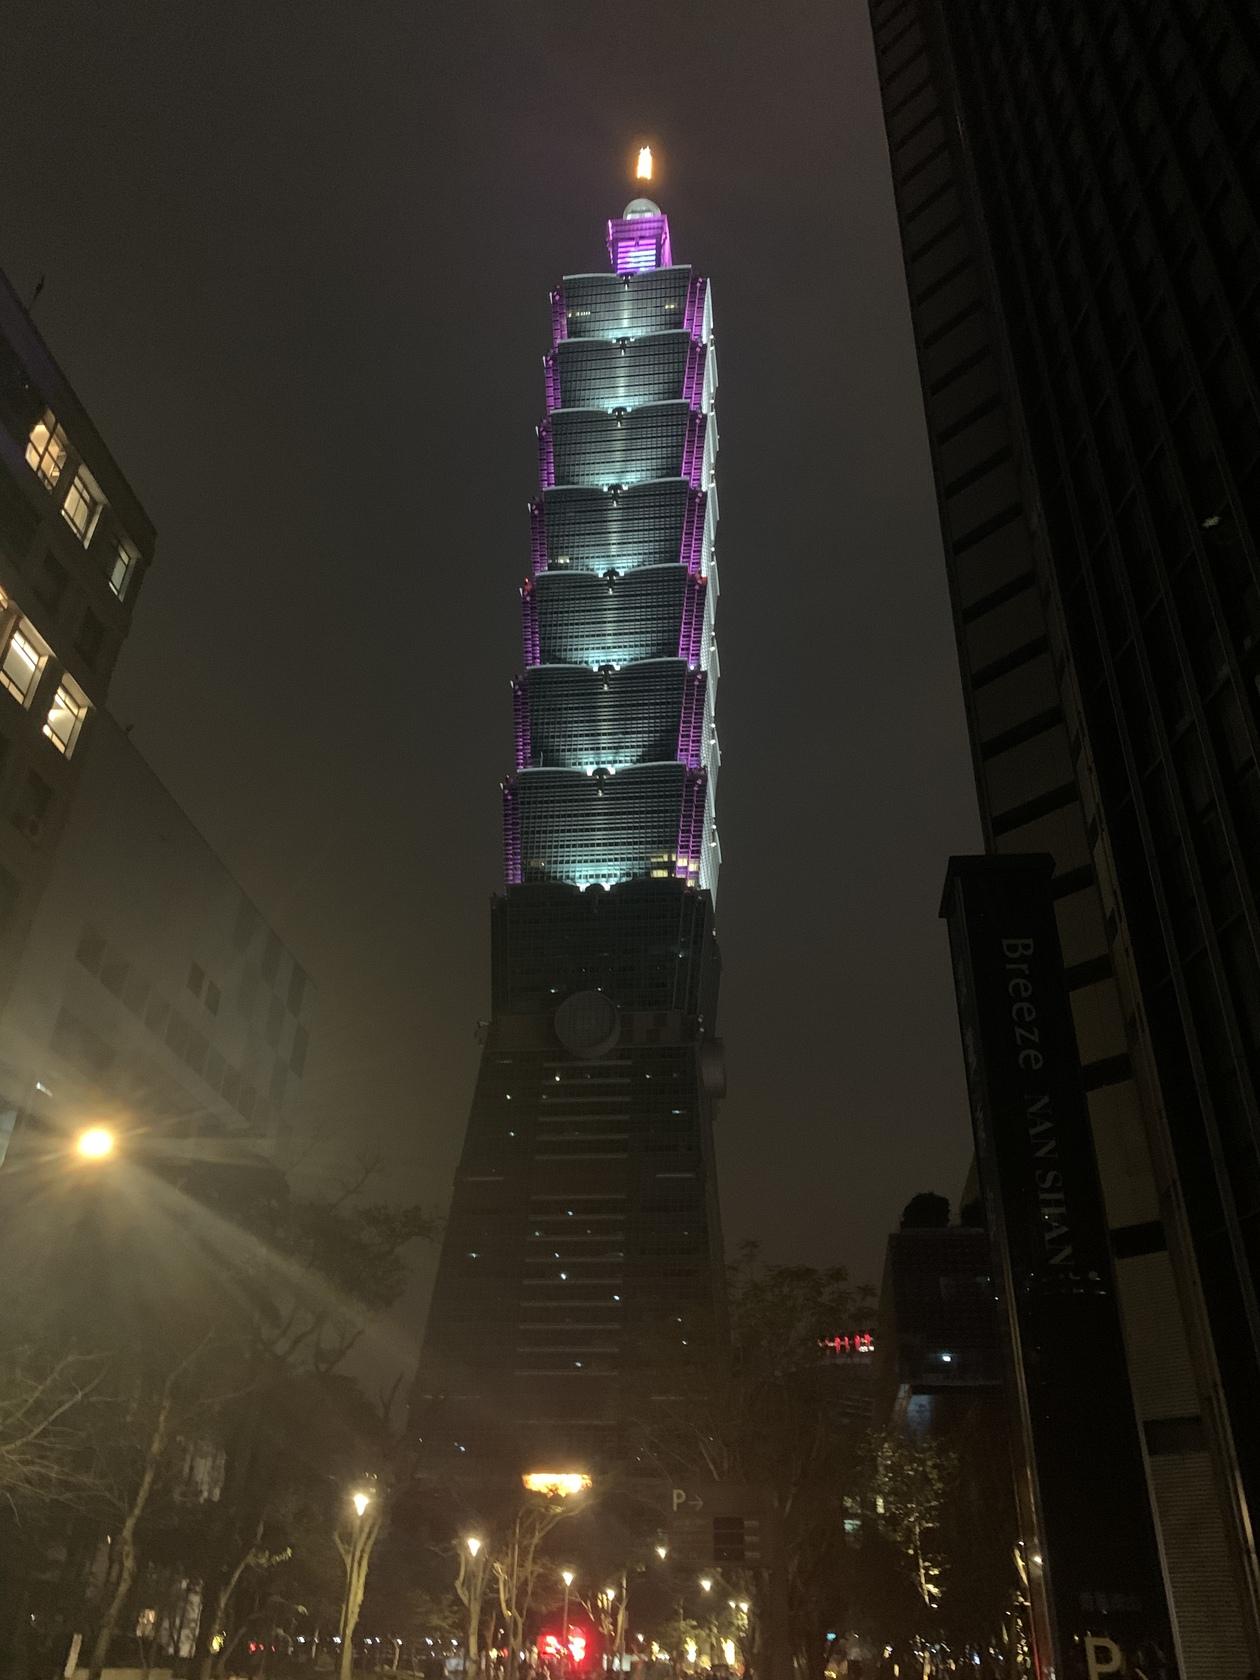 台北101 | シンボク(新北)在住けいすけさんのおすすめショッピング・買物スポット